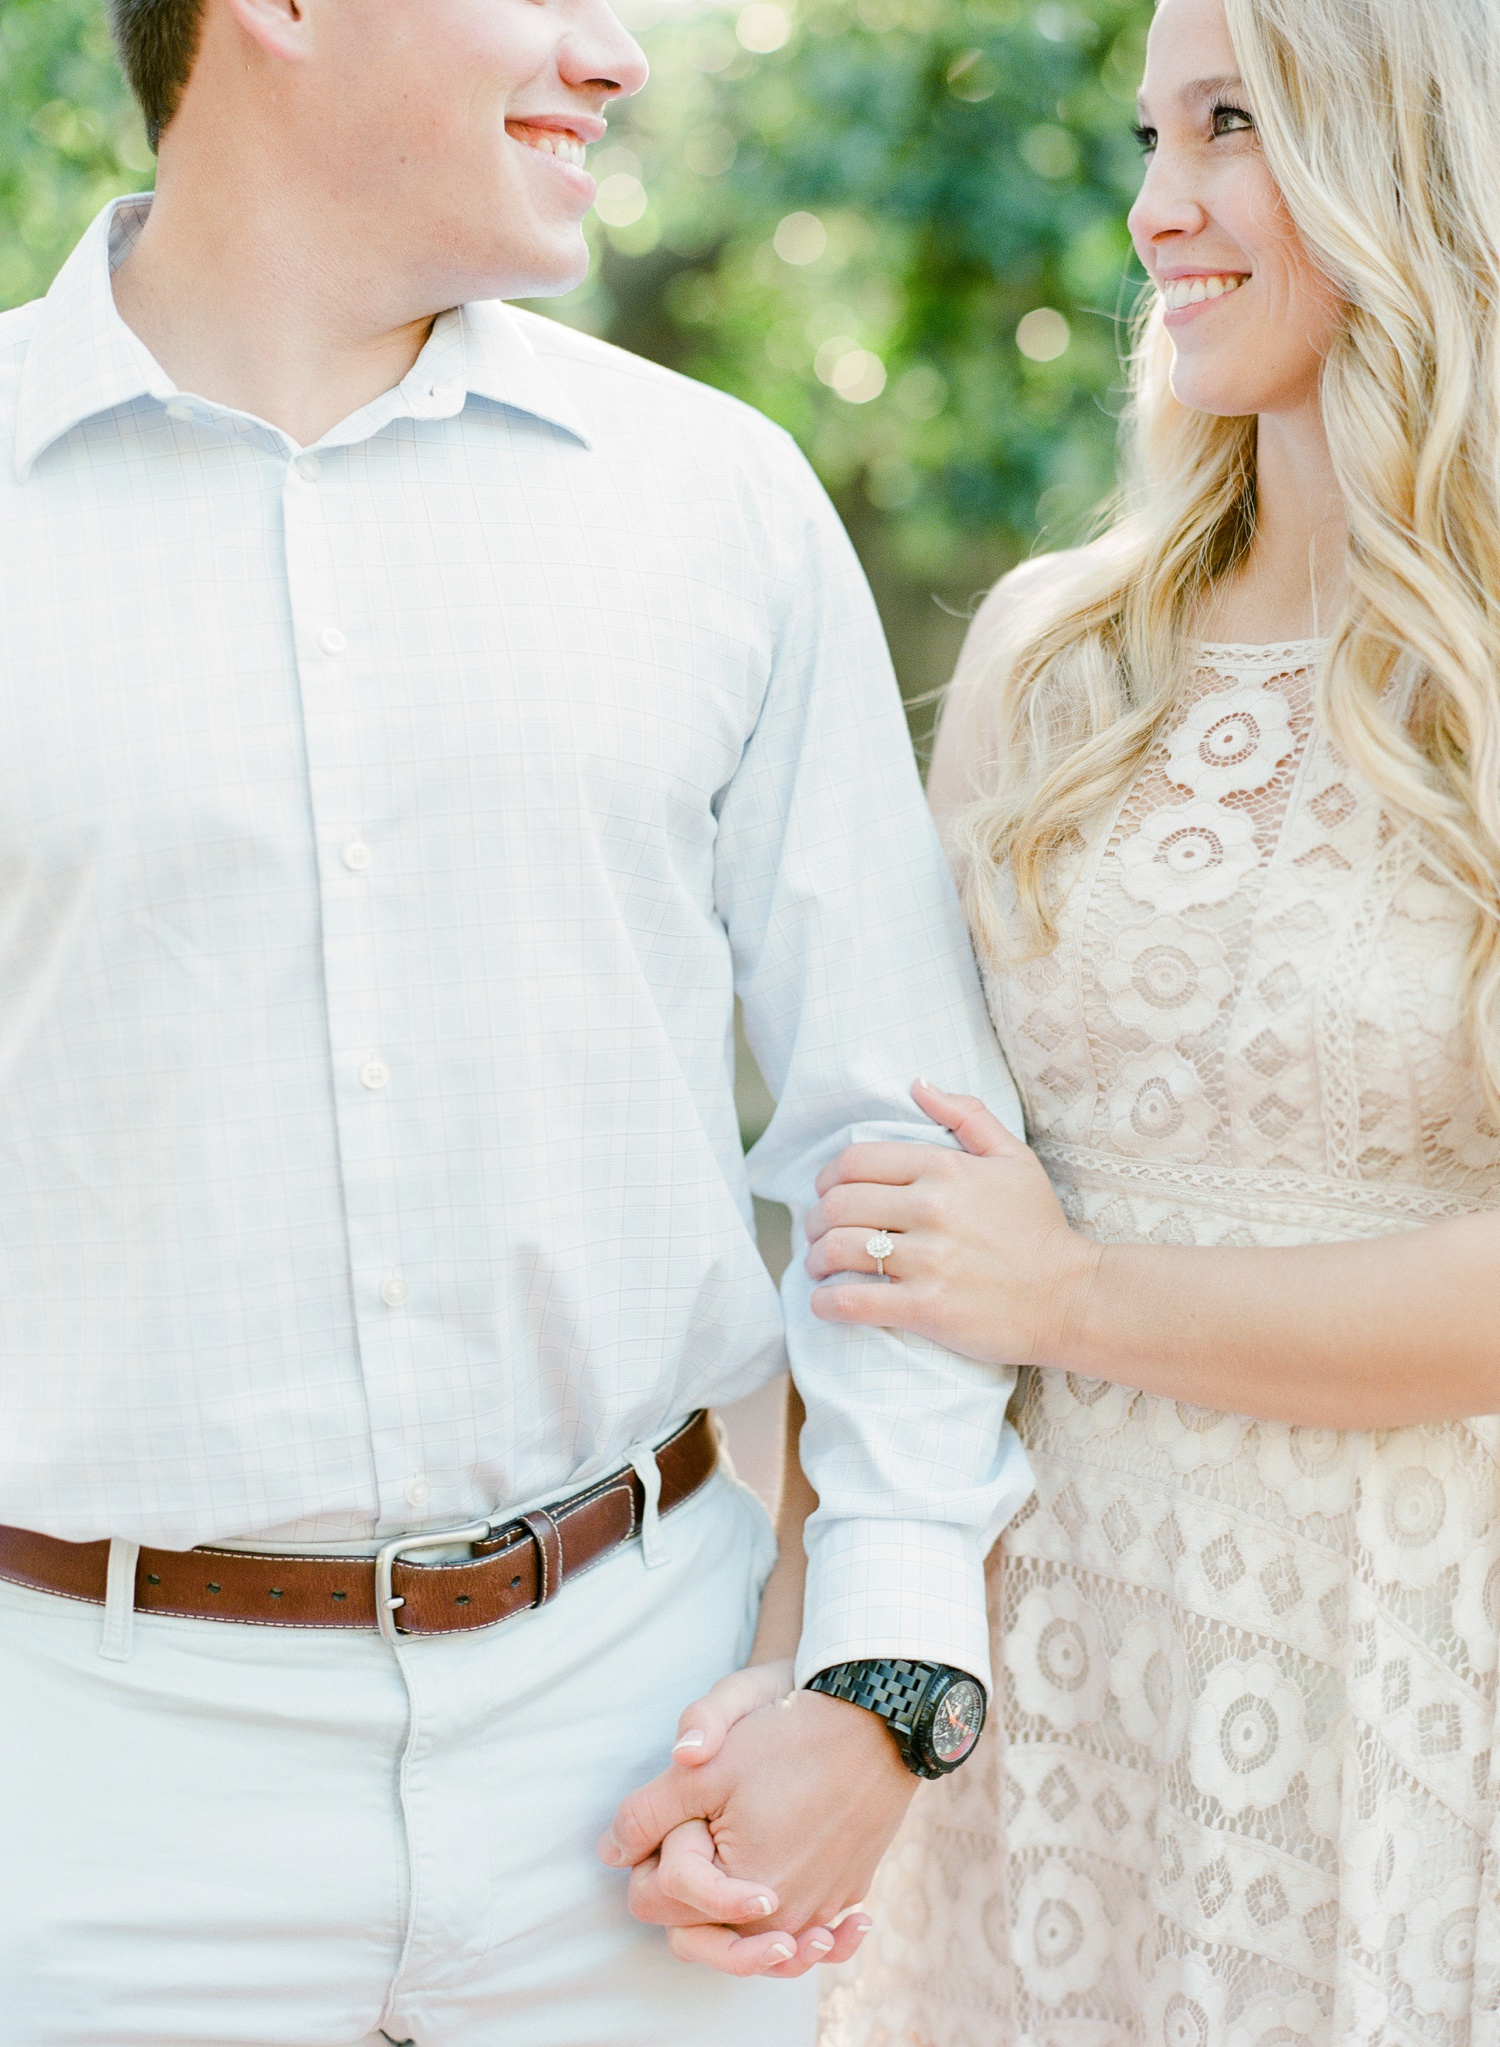 Charleston-Wedding-Venue-William-Aiken_0028.jpg